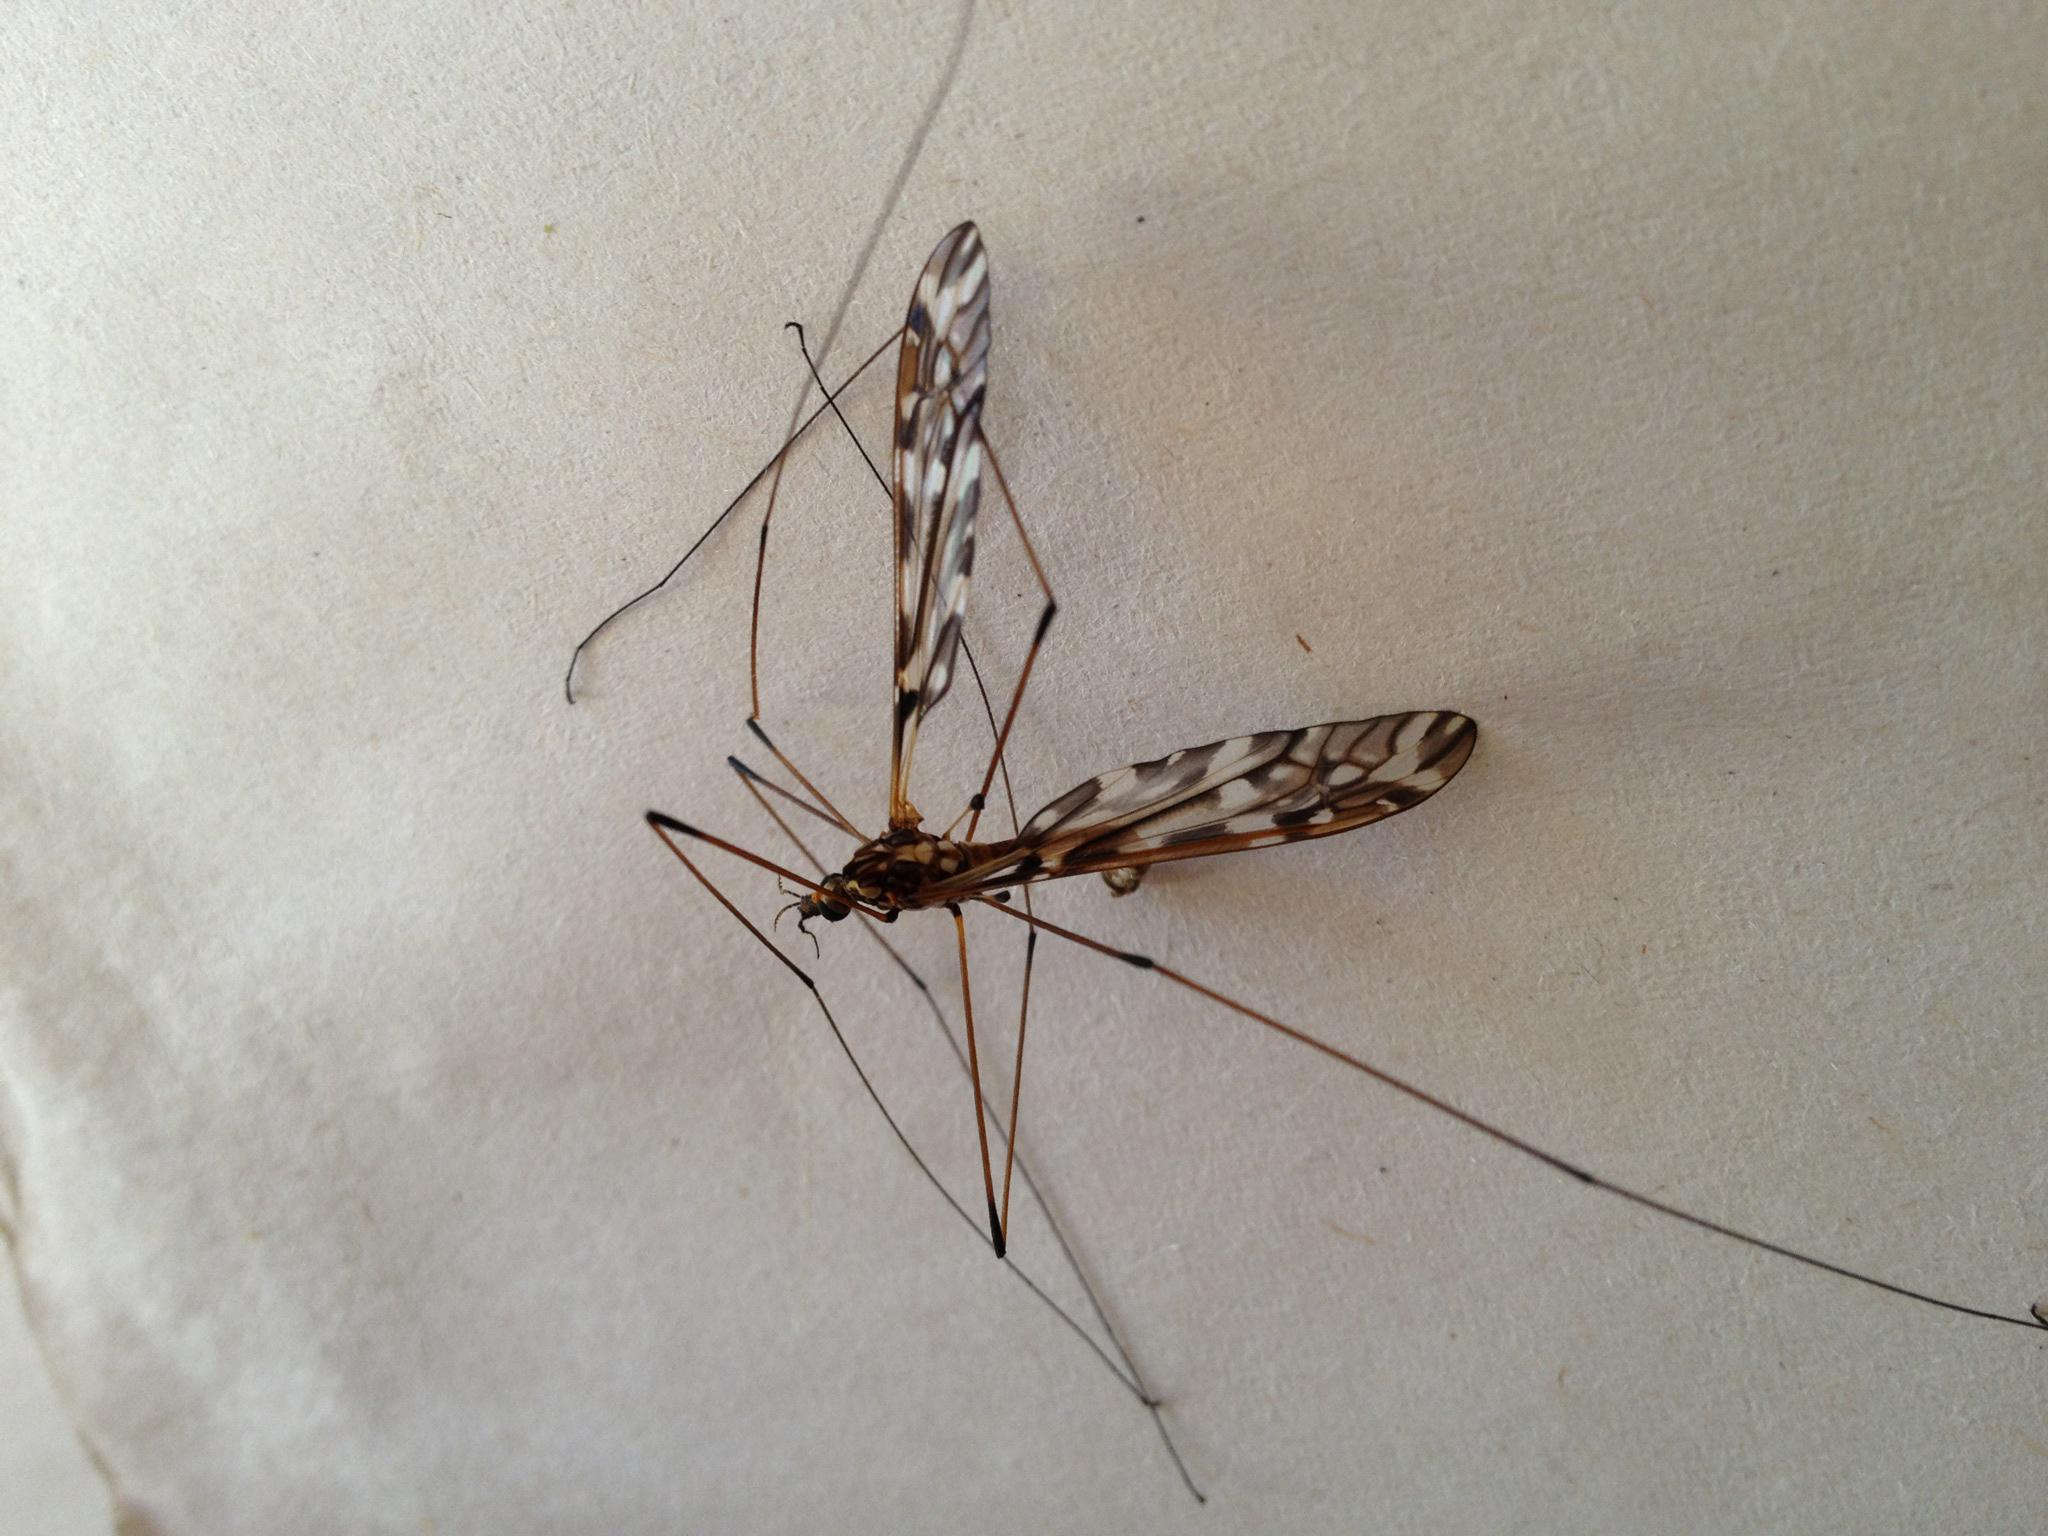 mosquito_2771.jpg